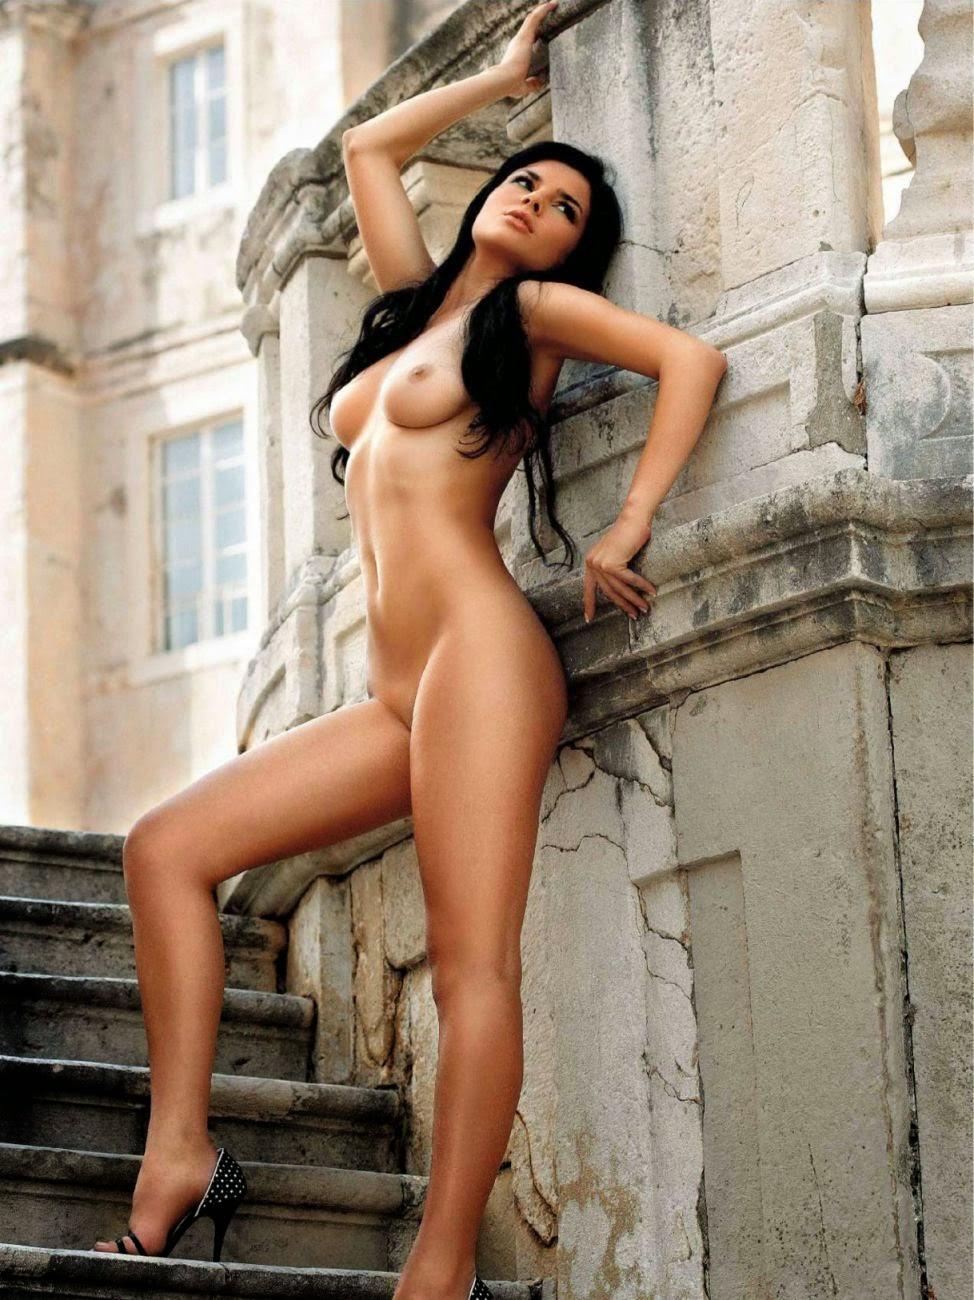 German sex naked girls